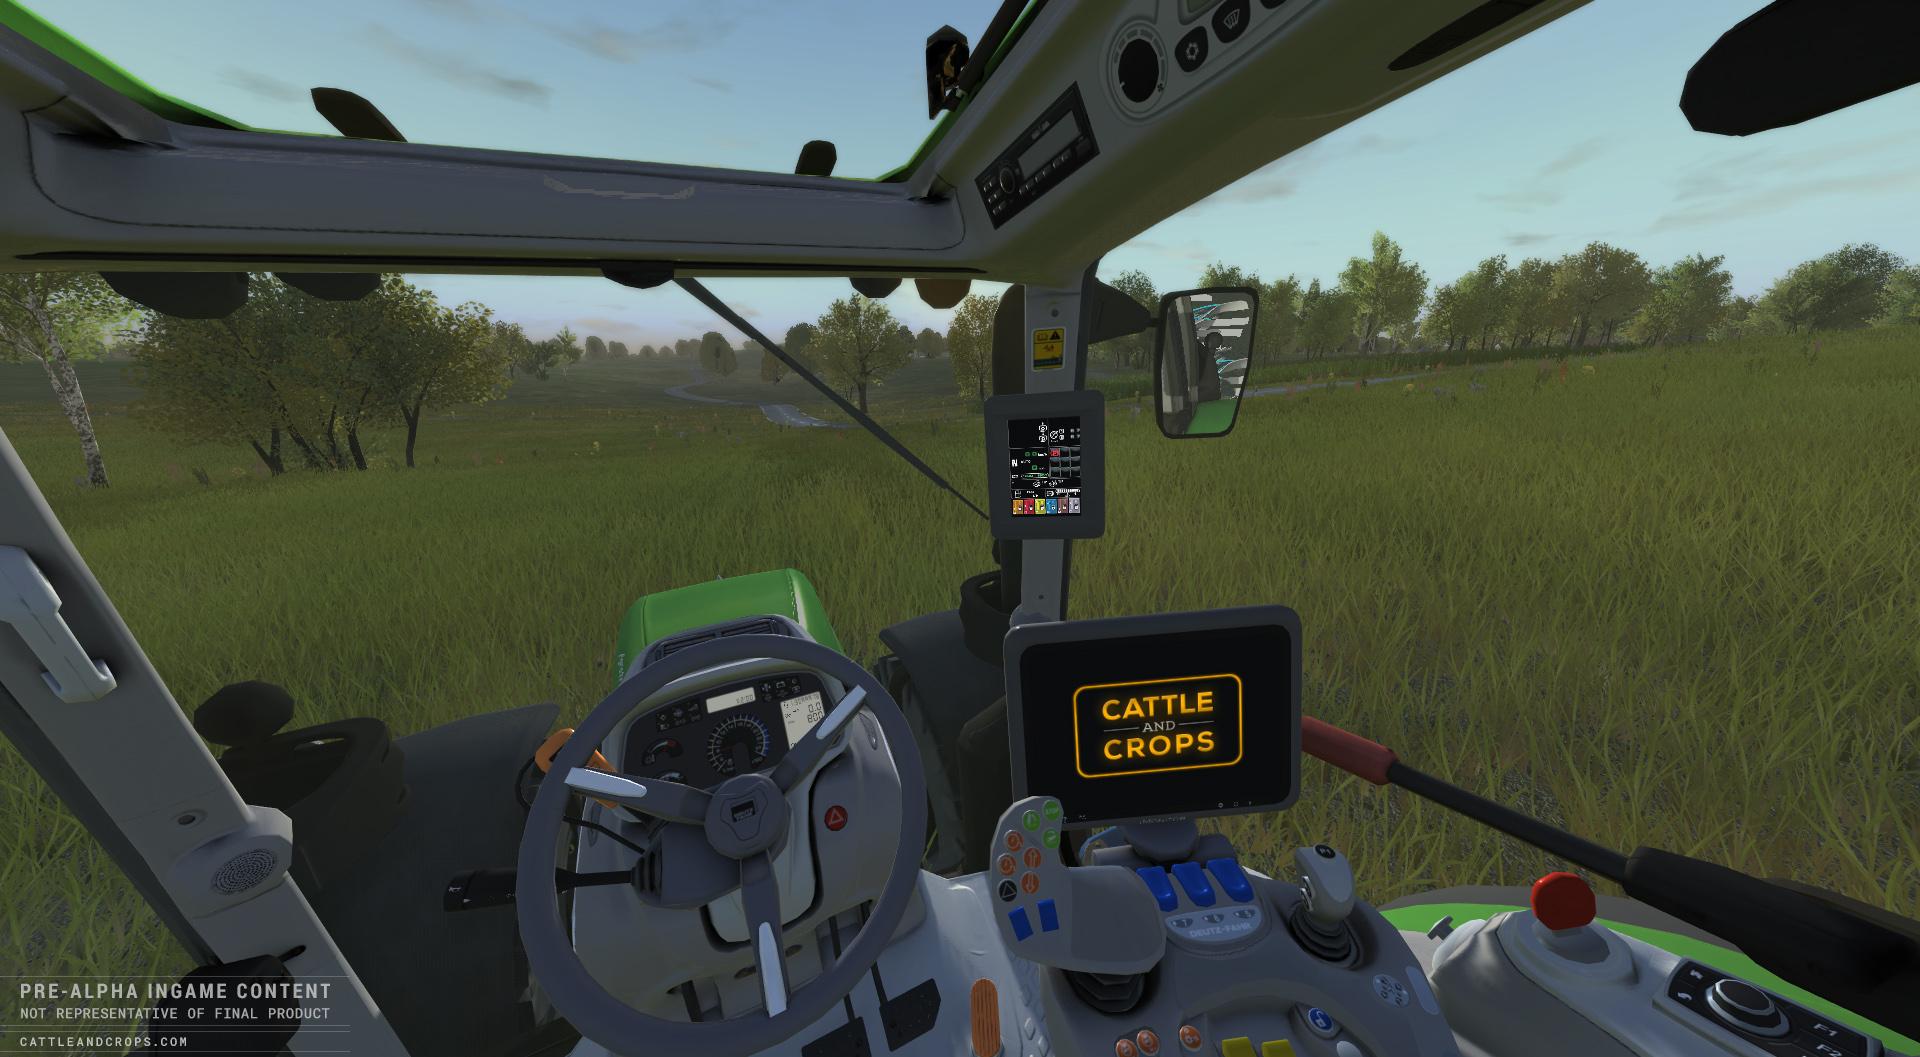 Autorům modifikací došla trpělivost, vytváří vlastní simulátor zemědělství 131486